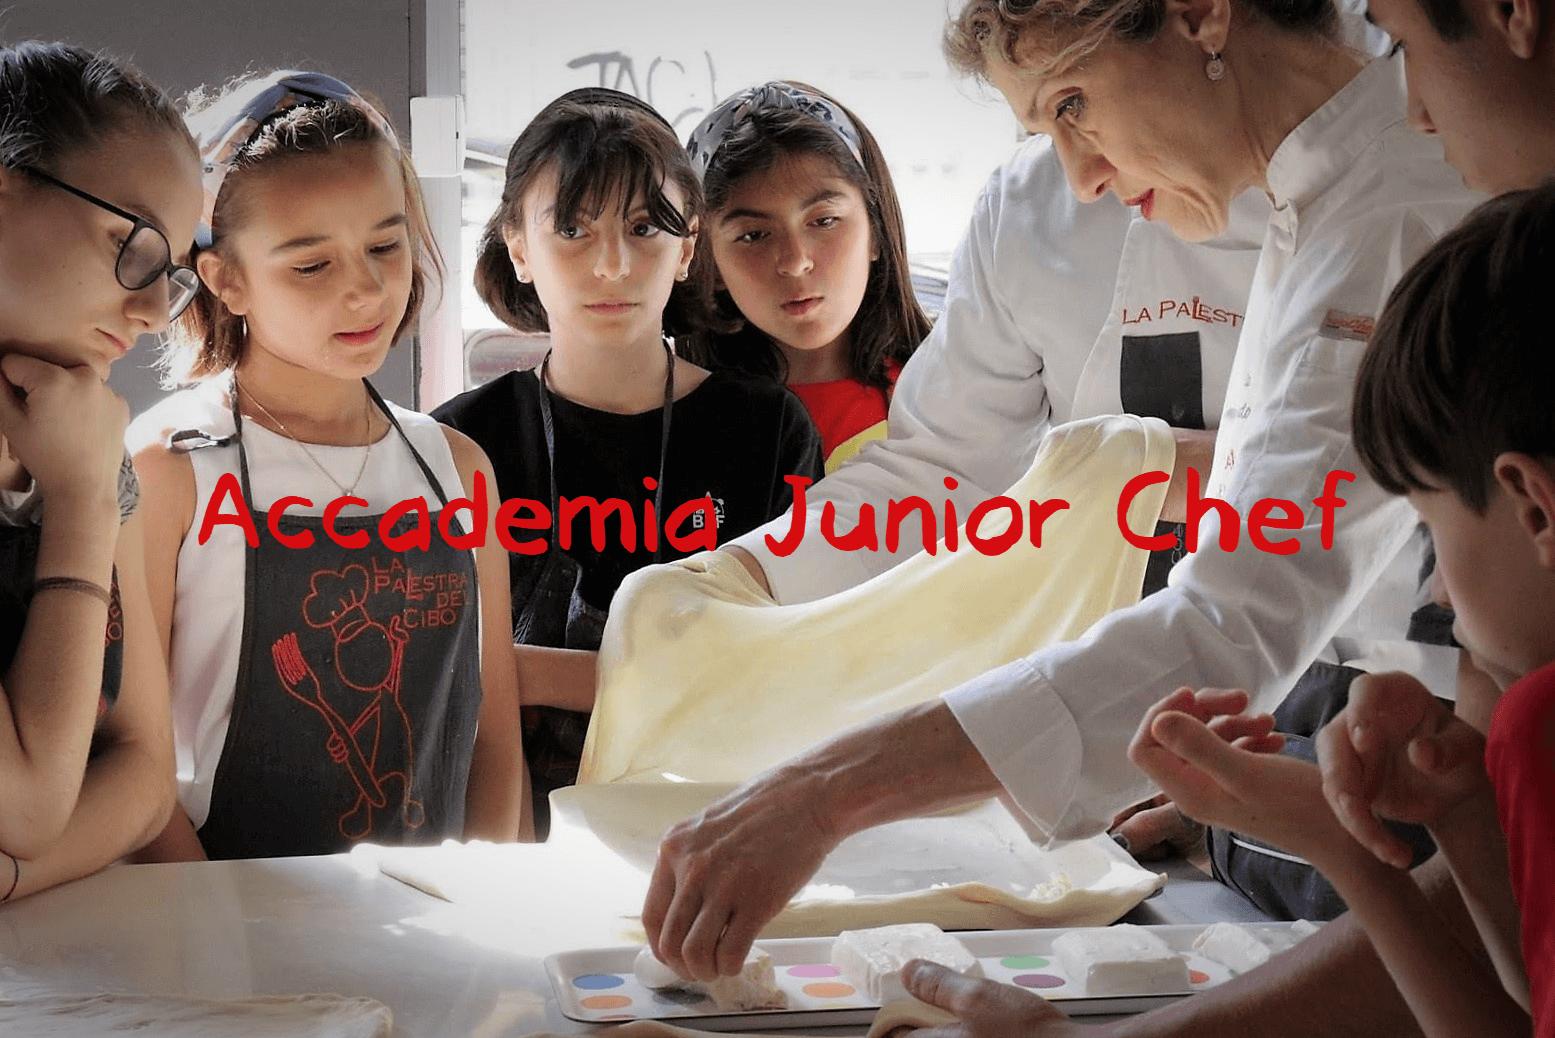 corsi di cucina per ragazzi a torino scuola di cucina la palestra del cibo accademia junior chef masterchef junior